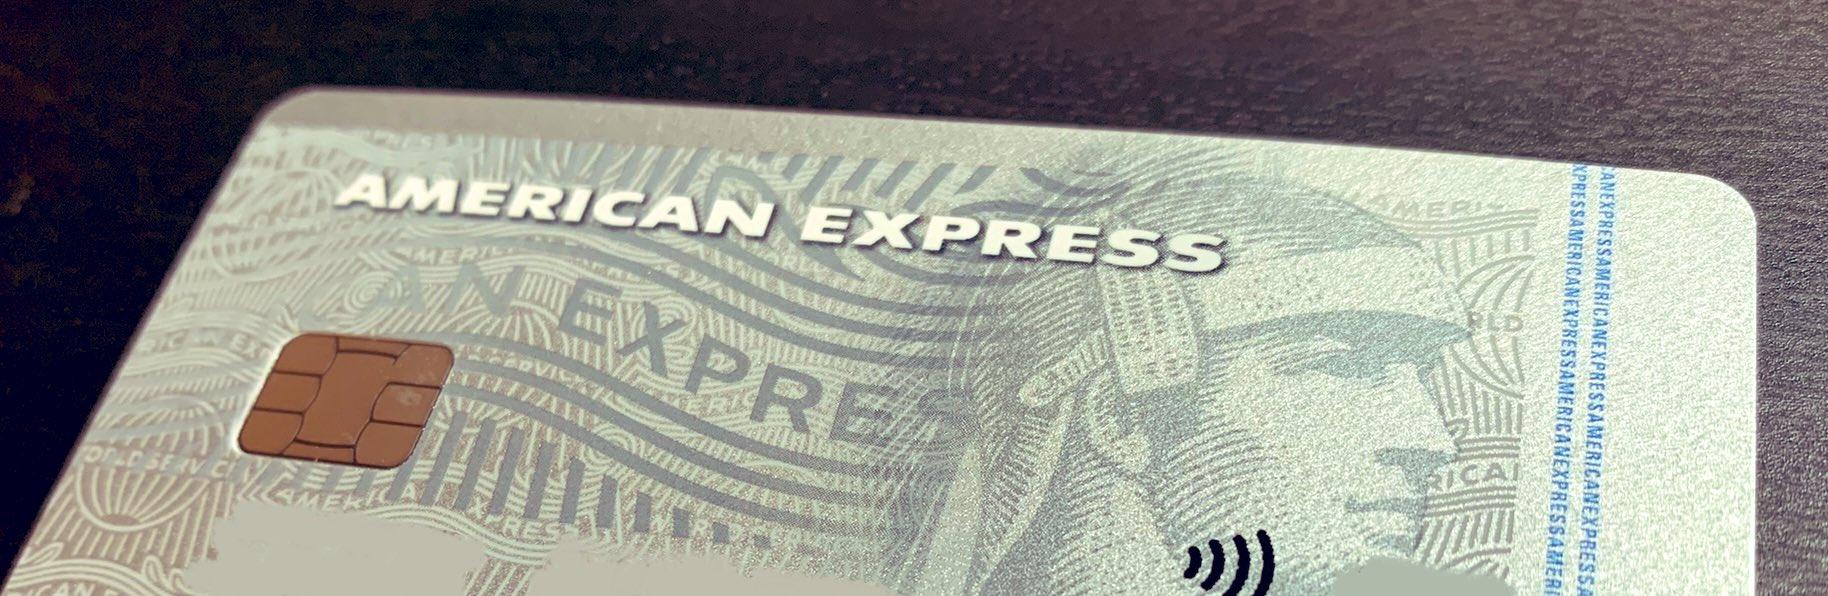 2枚目にはPlatinum Cashback Everyday Credit Card(AMEX)を選択